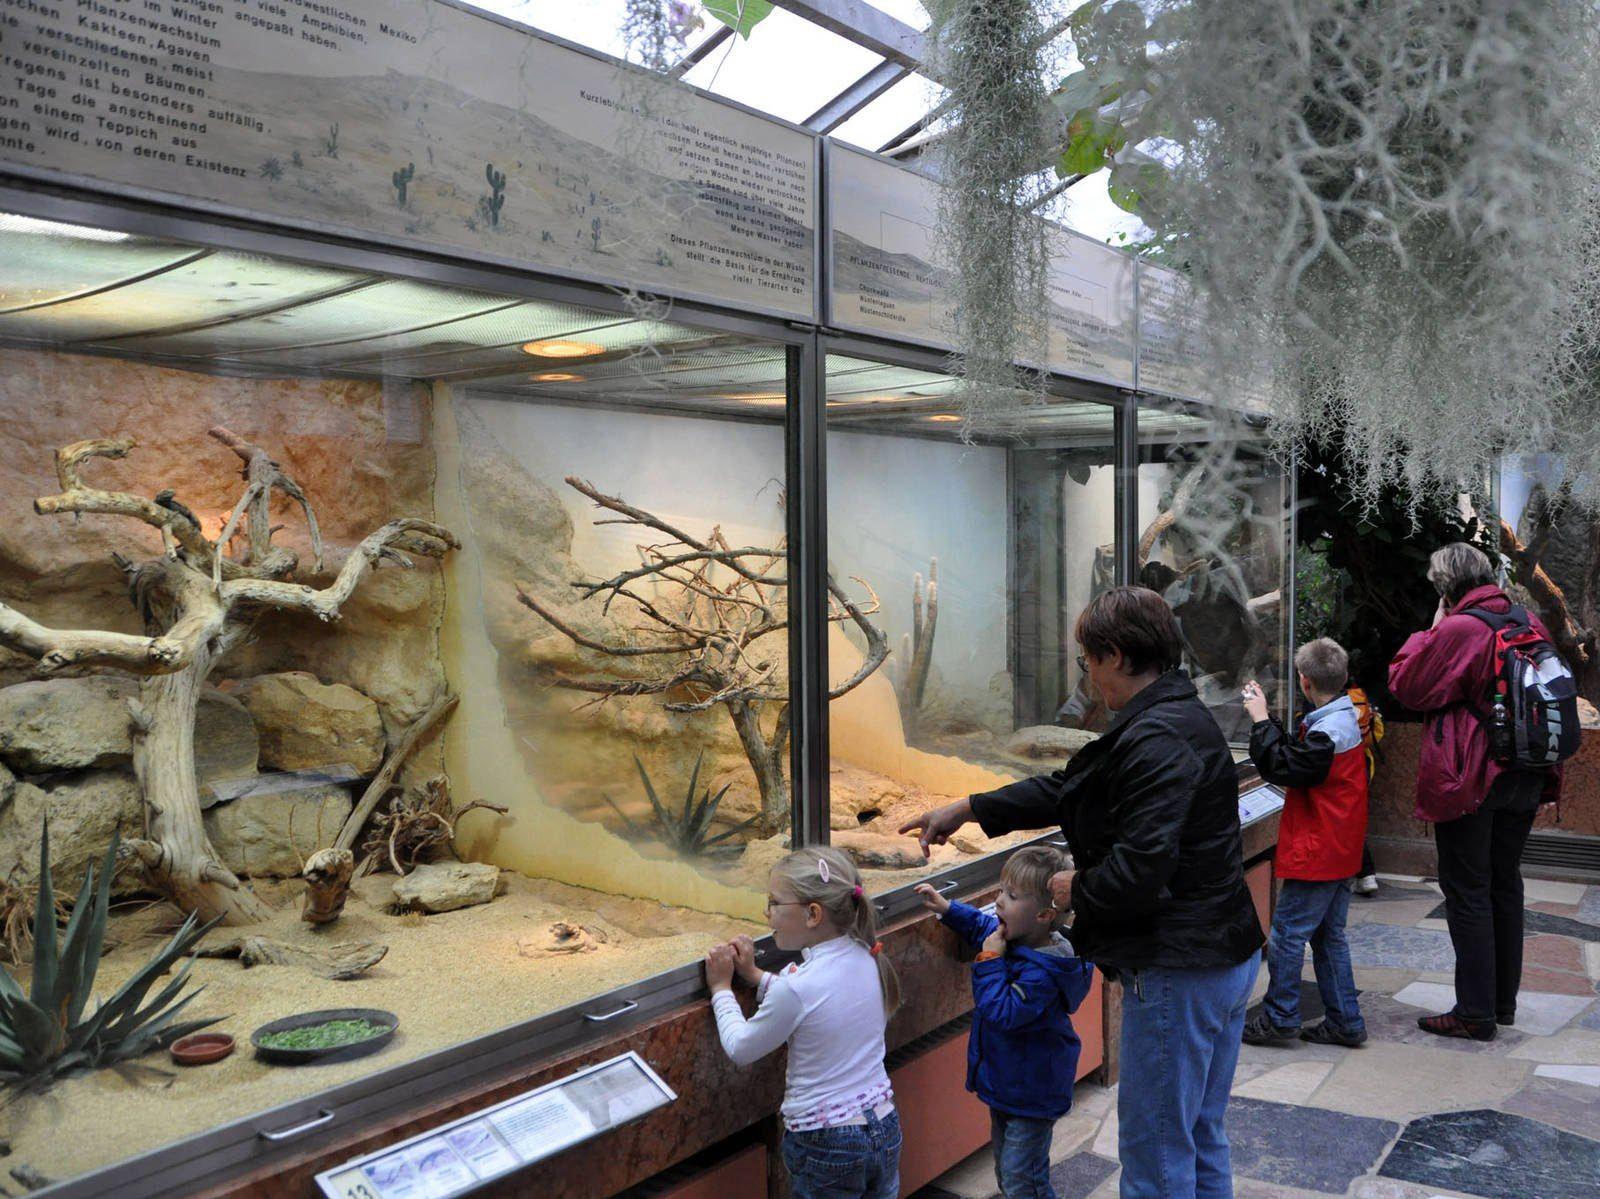 Zoologischer Garten Berlin Eintrittspreise Sie Werden Unsere